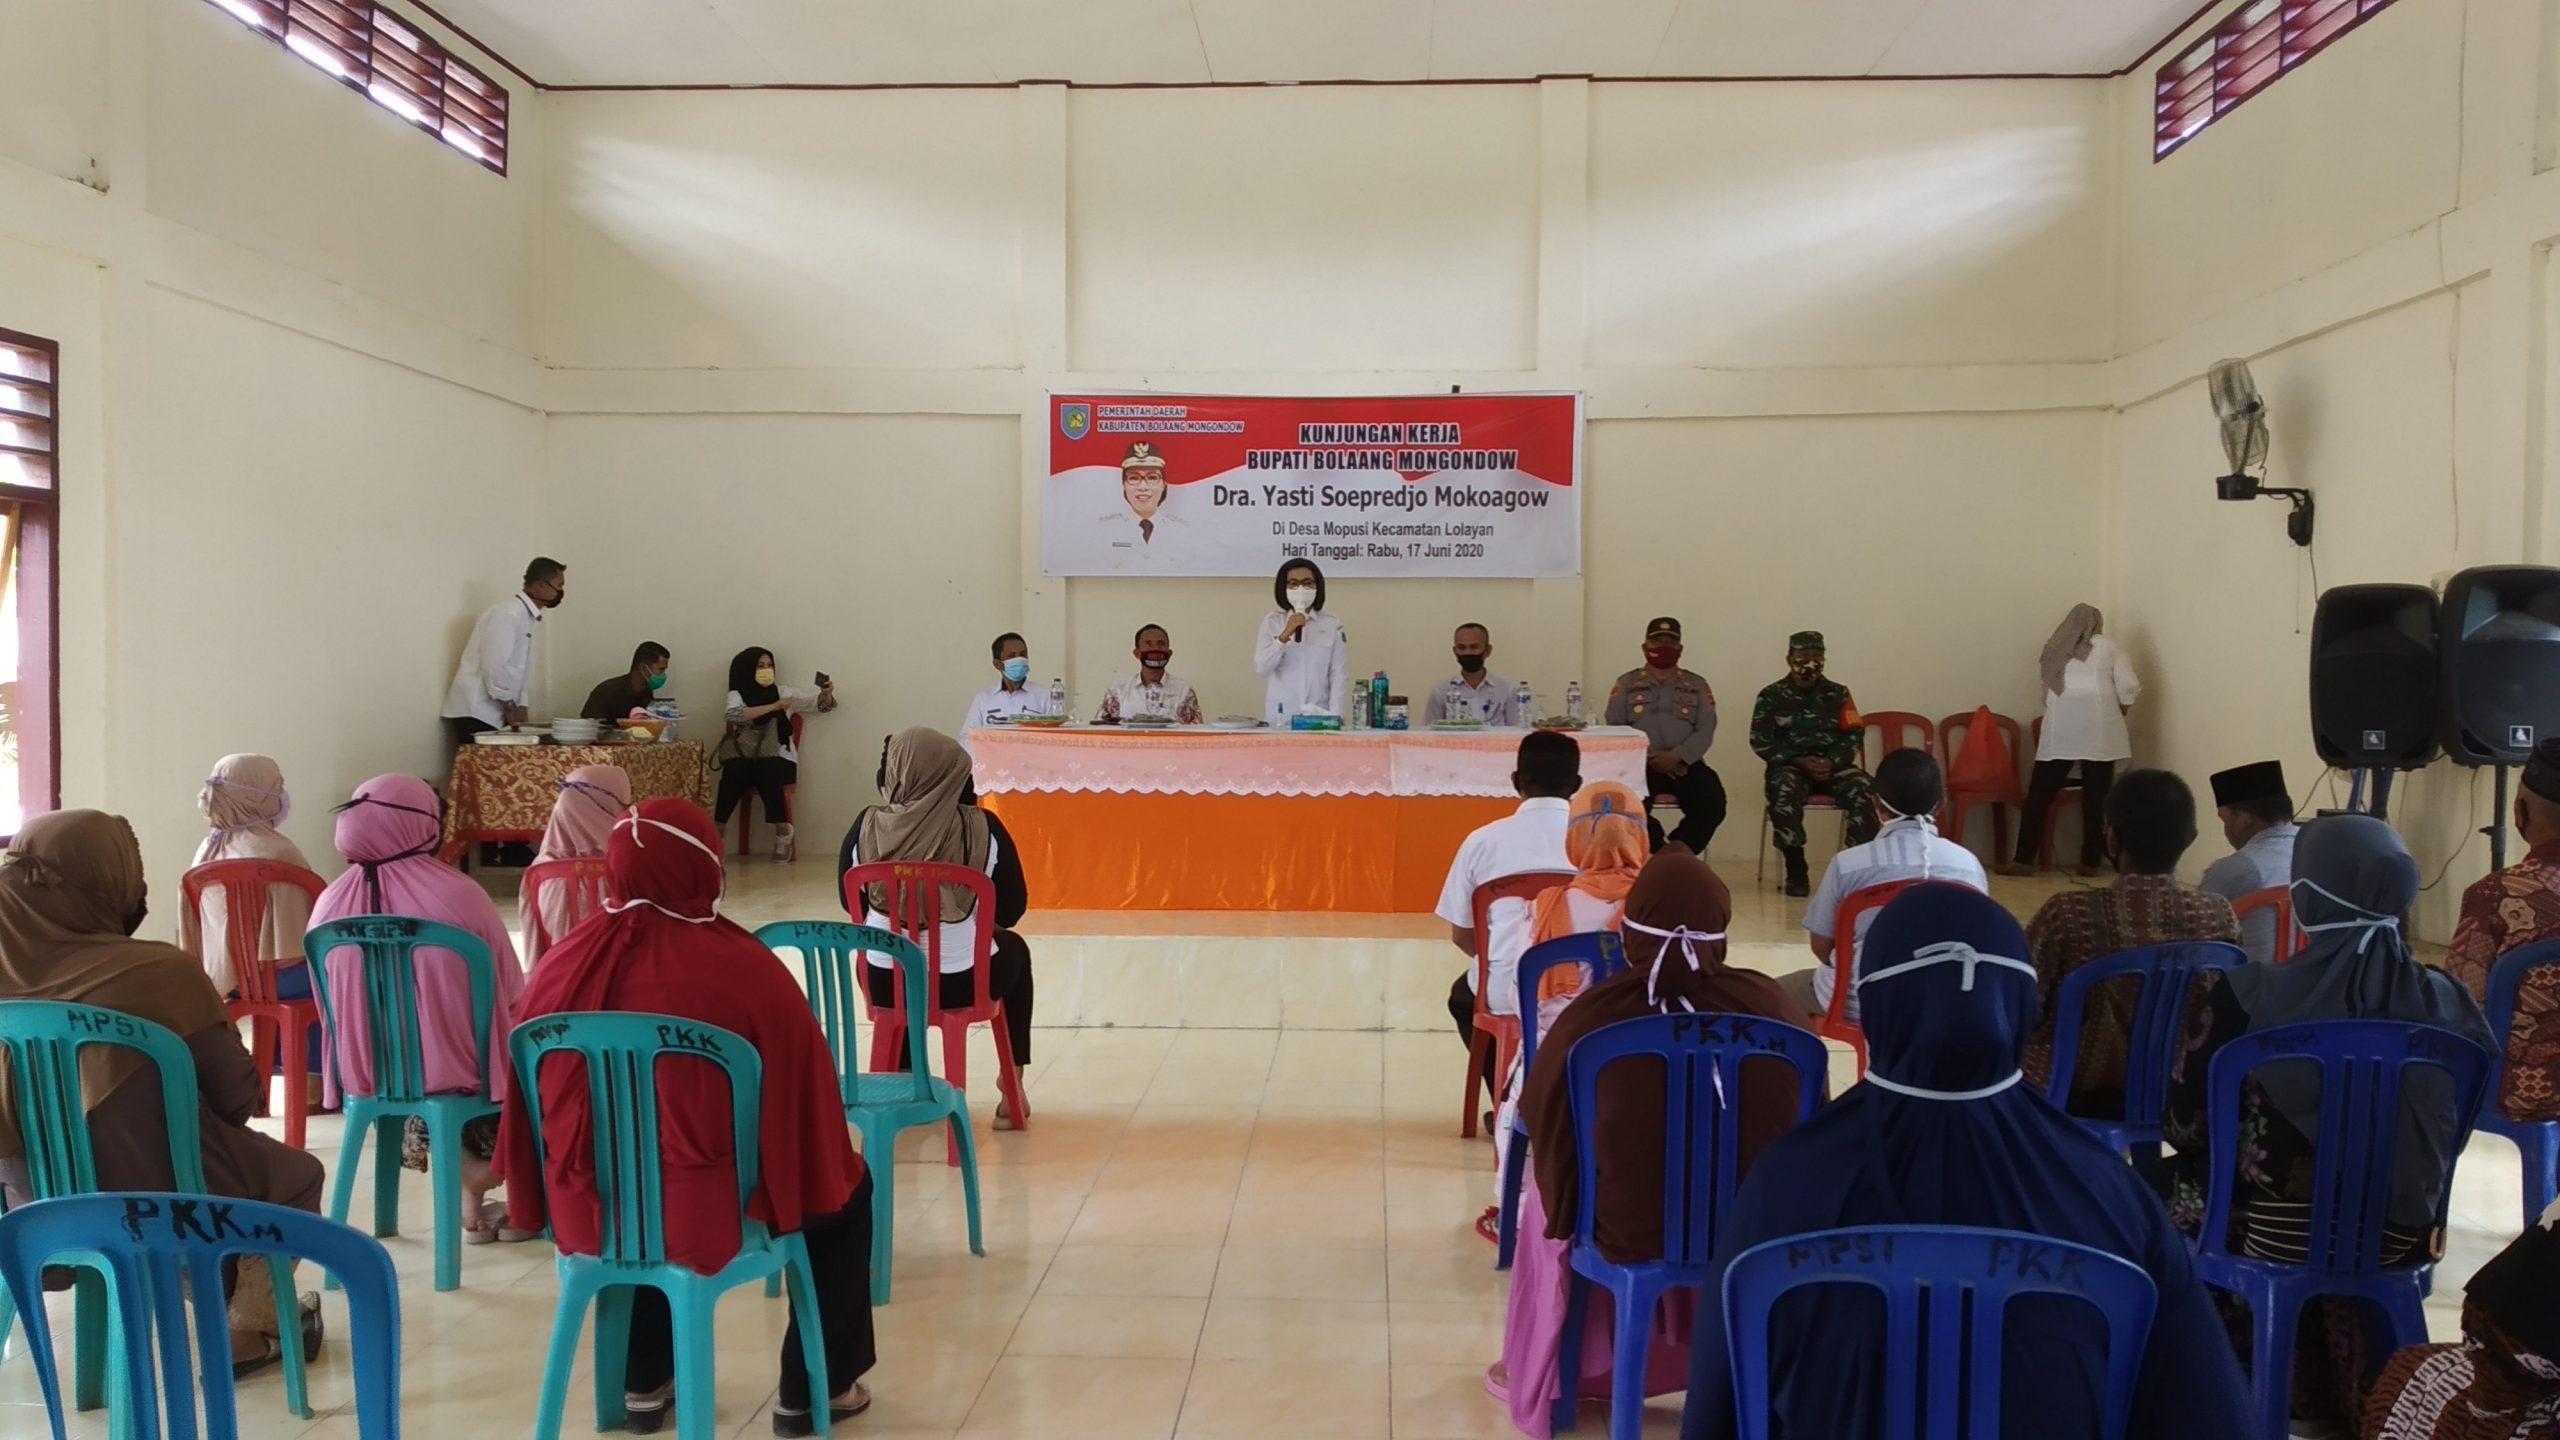 Bupati dialog dengan masyarakat di balai Desa Mopusi